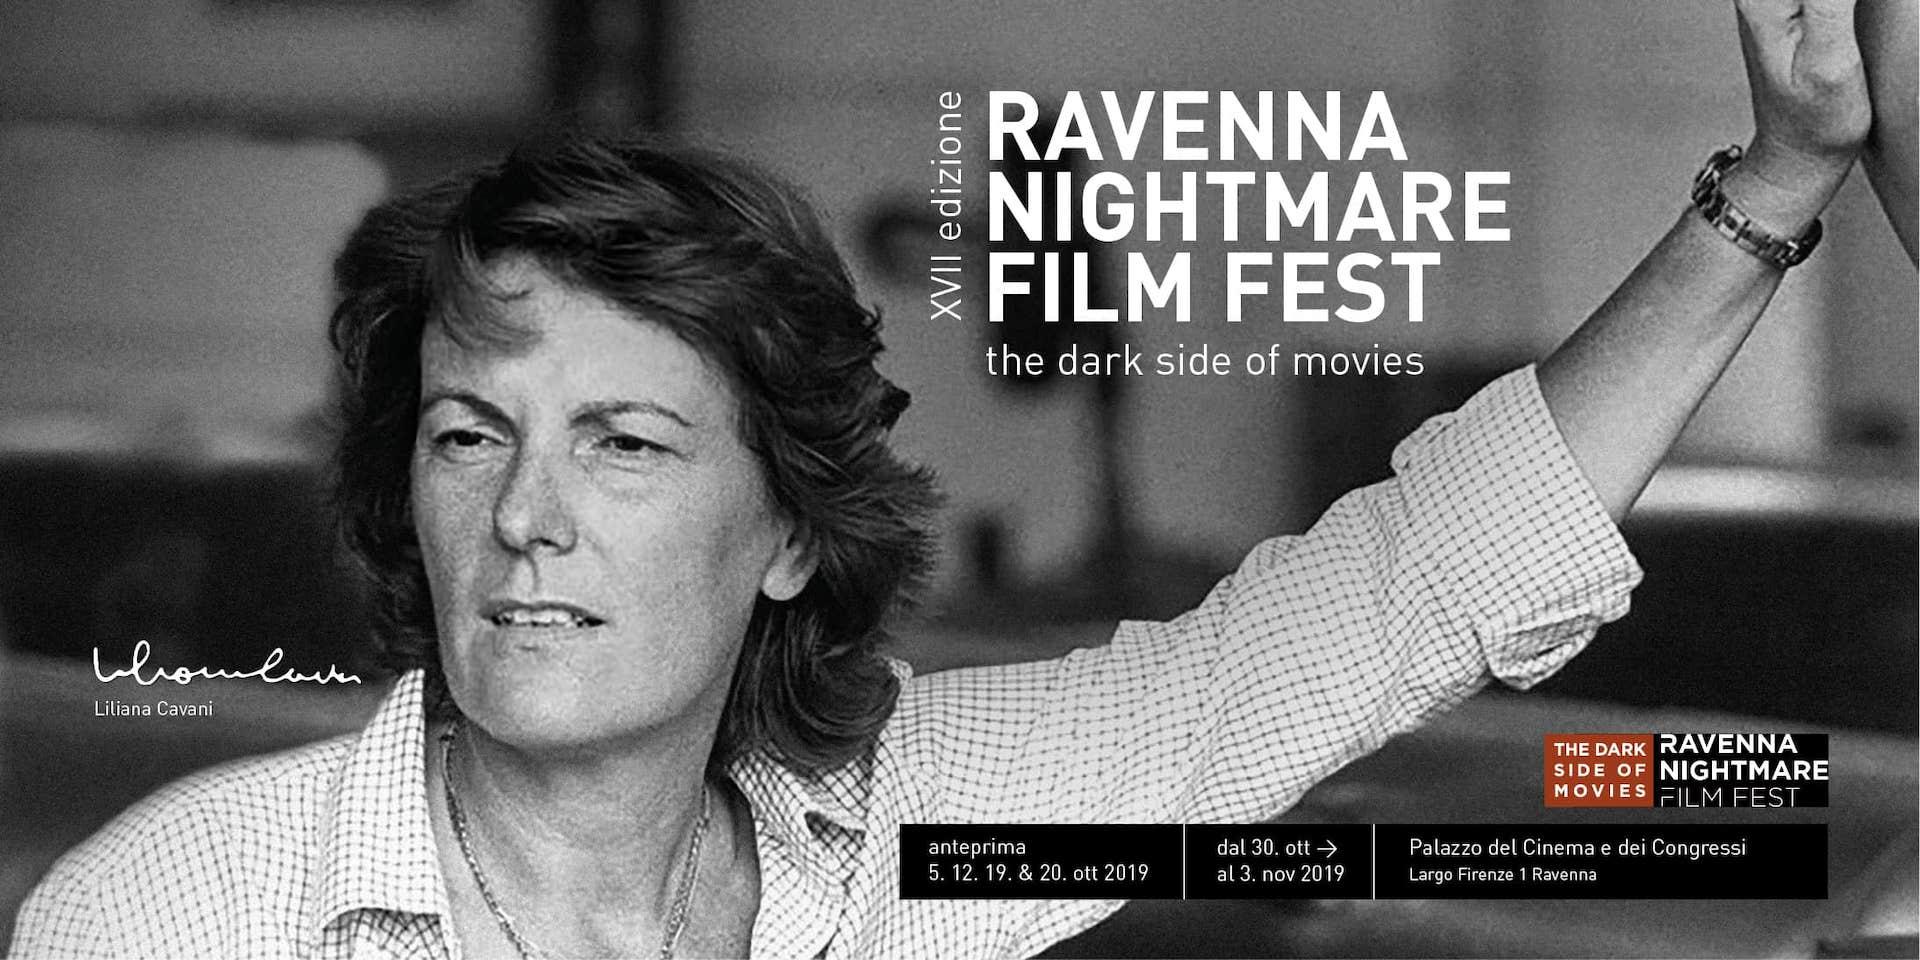 Ravenna Nightmare Film Fest